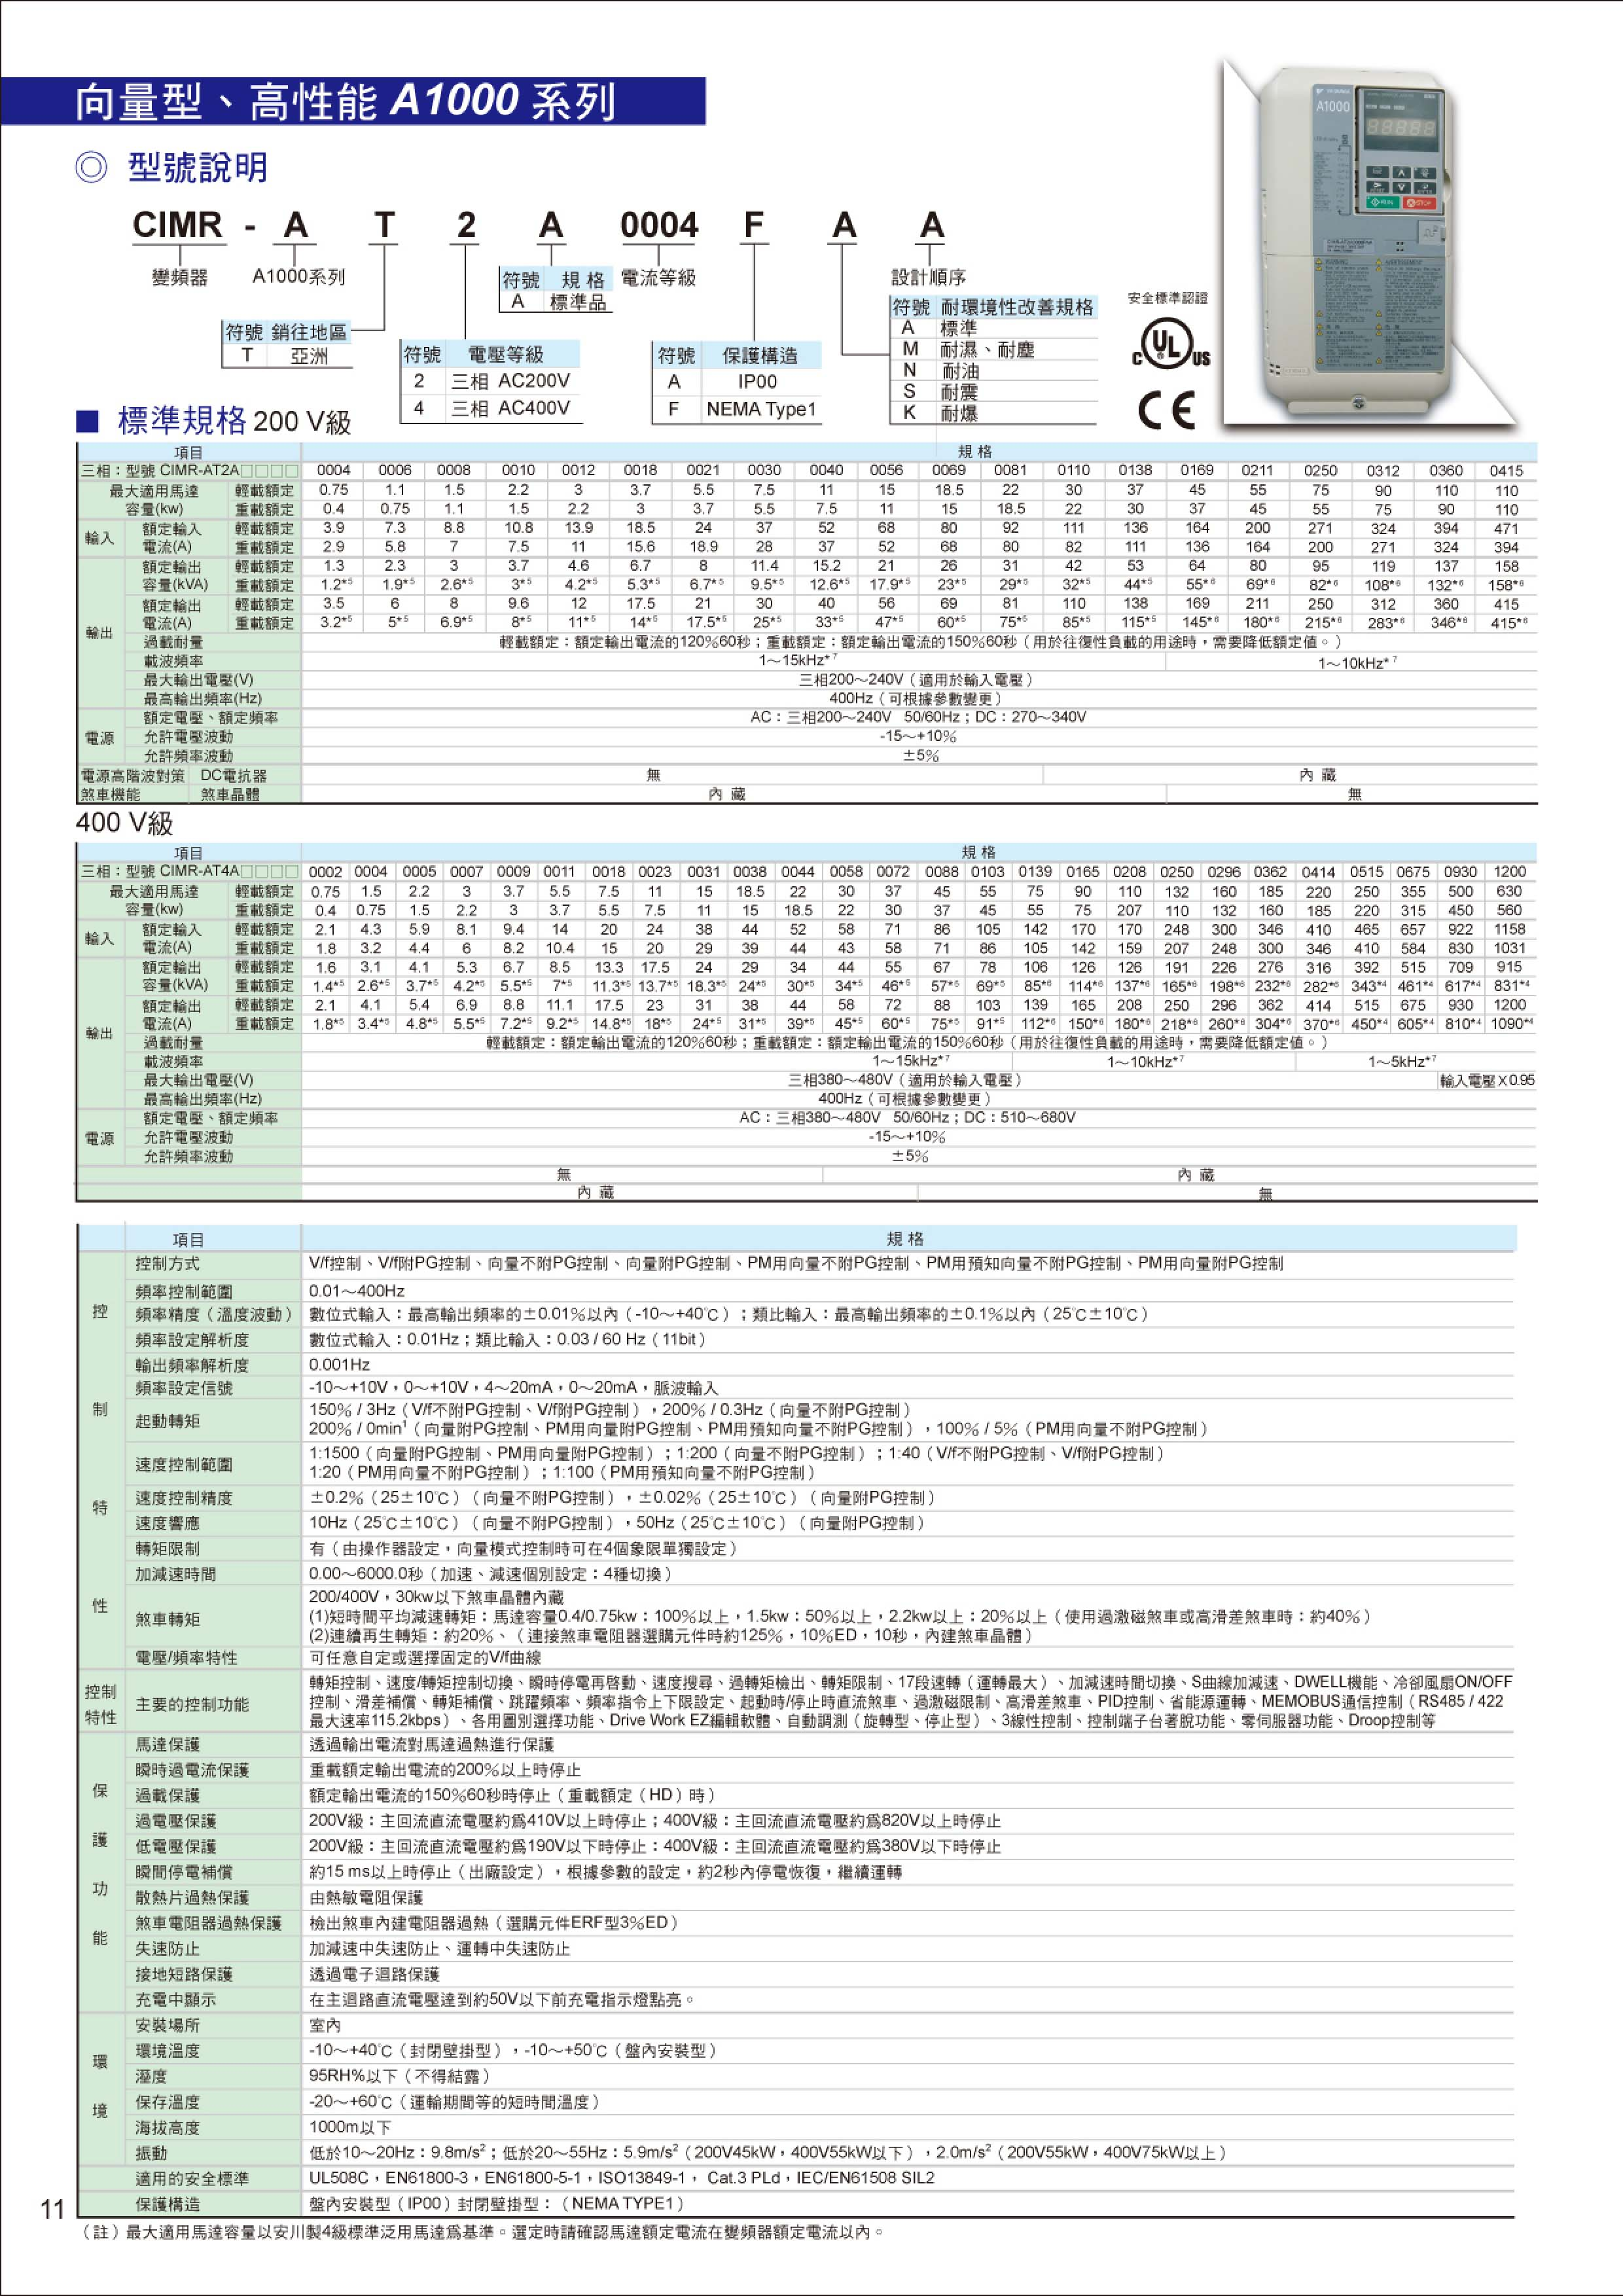 安川變頻器型錄-2012-07-12